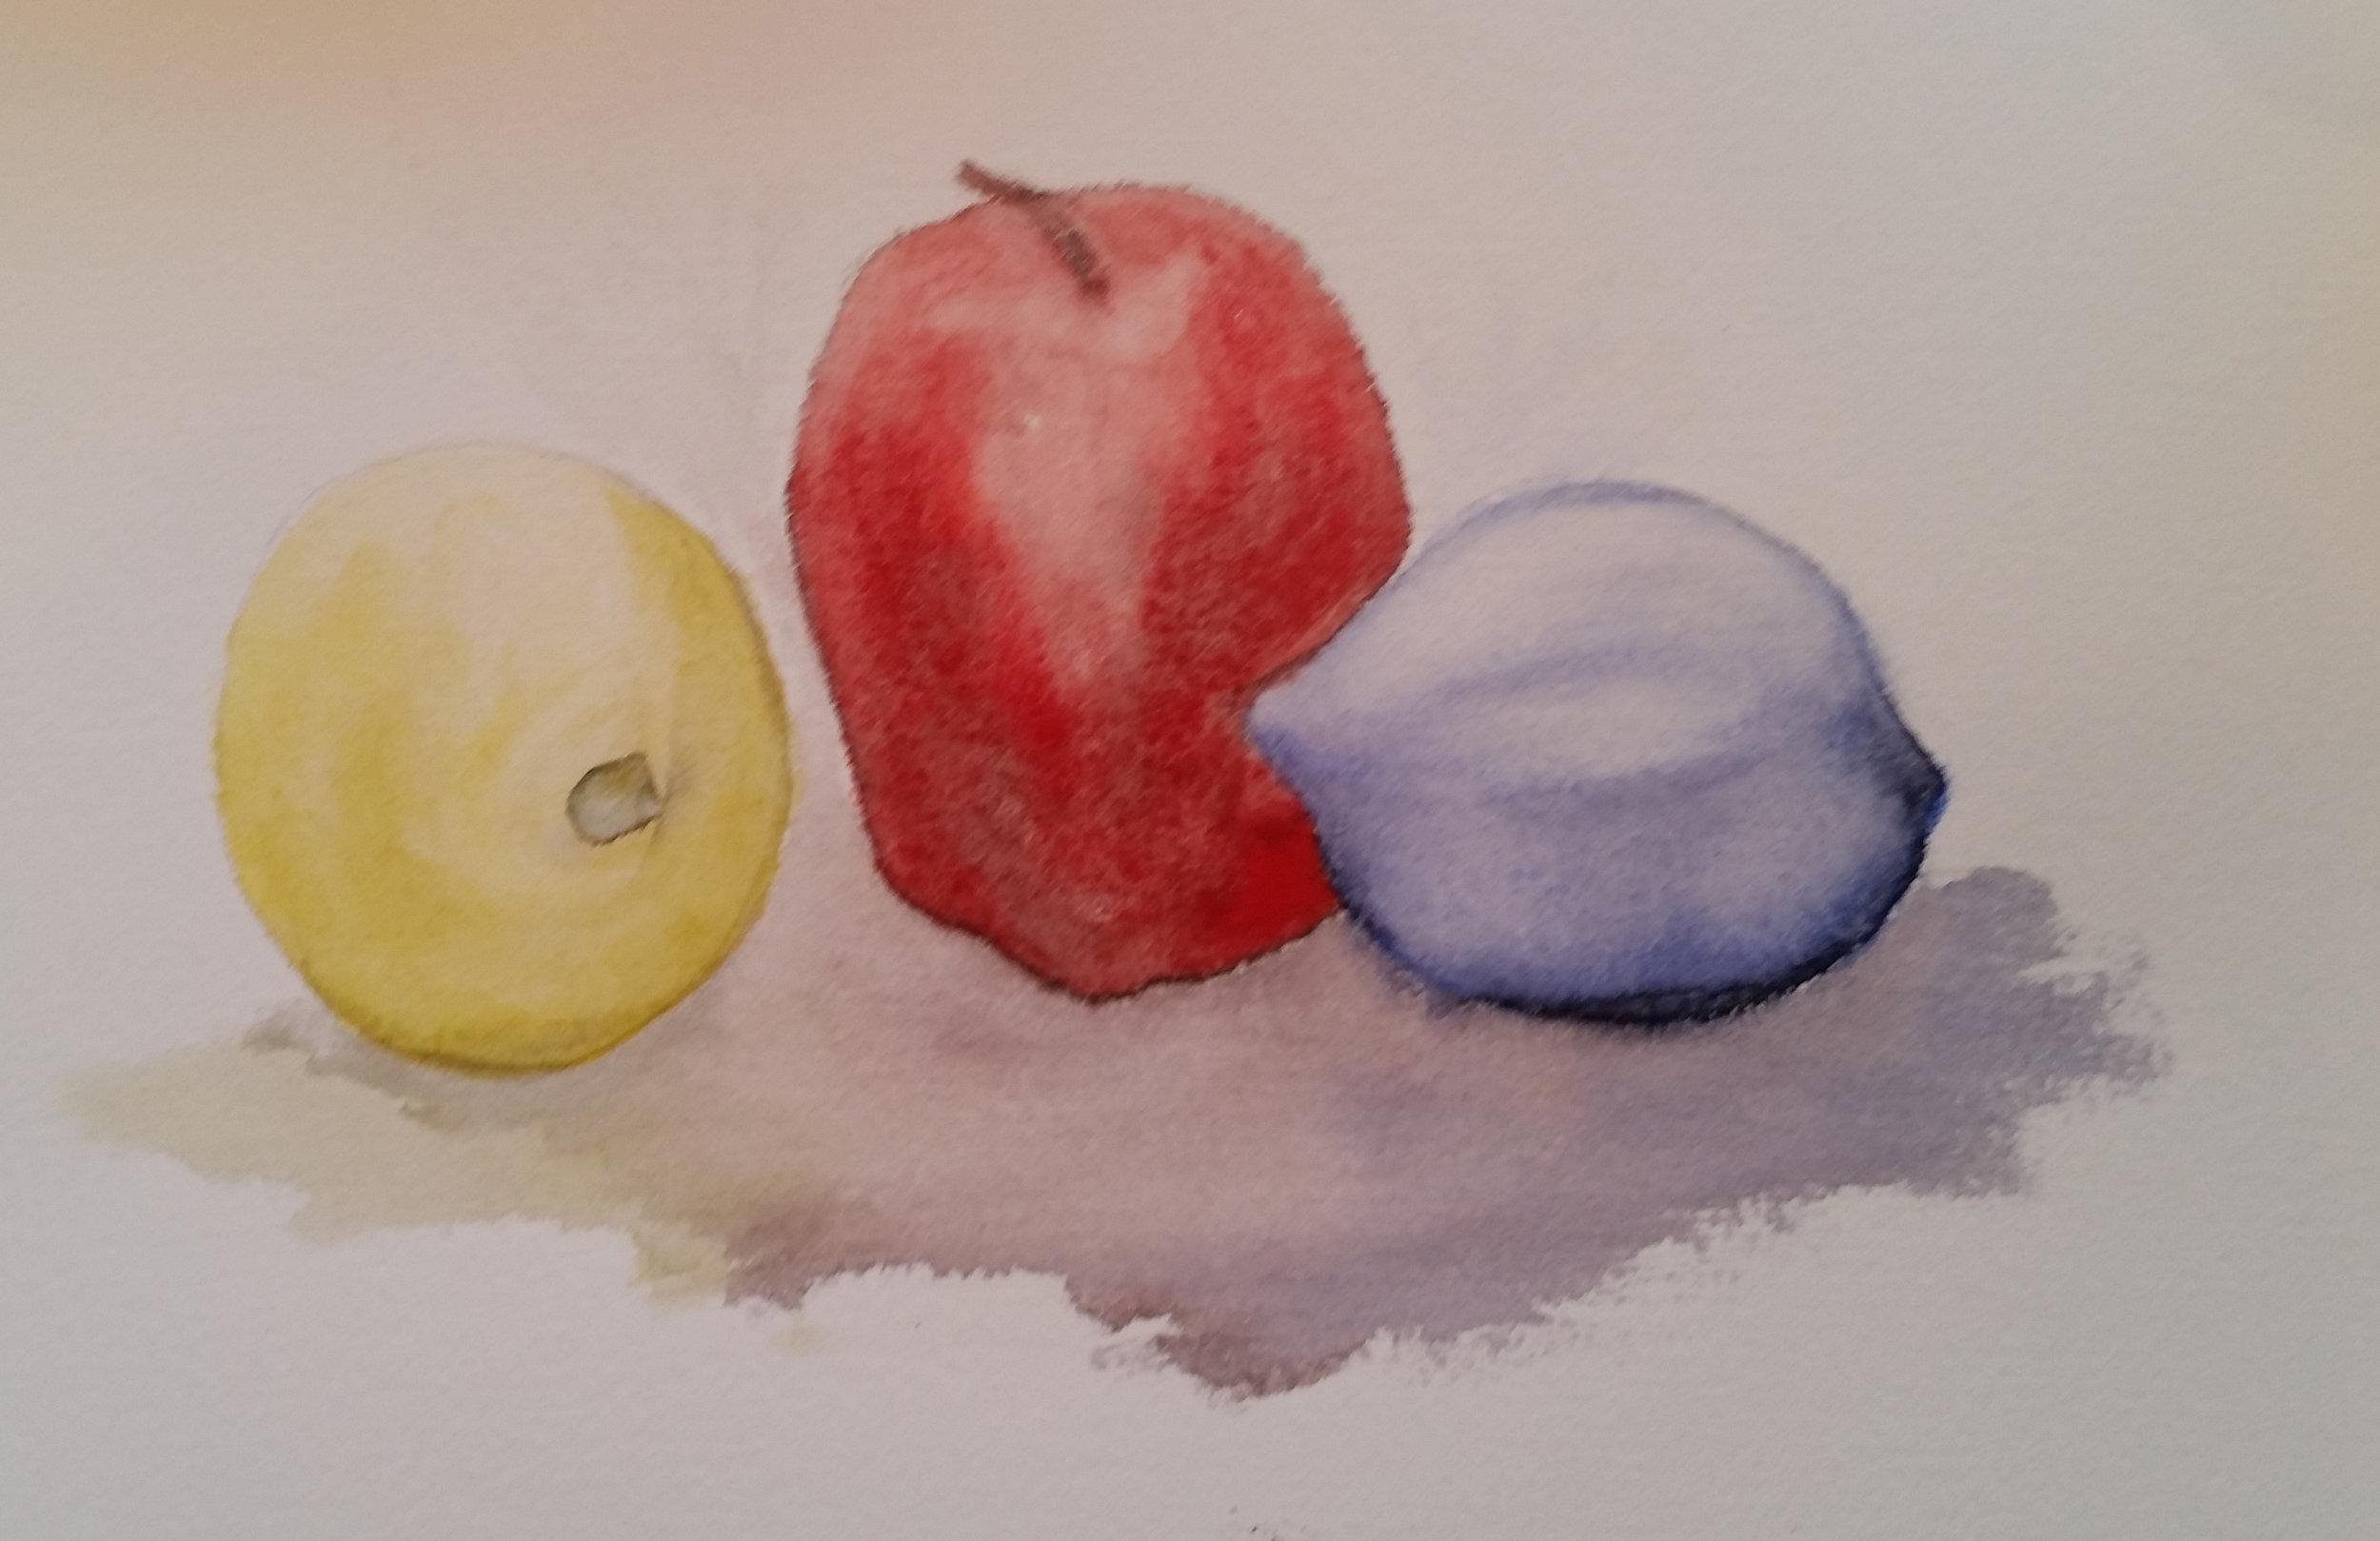 Apples Carol crop.jpg